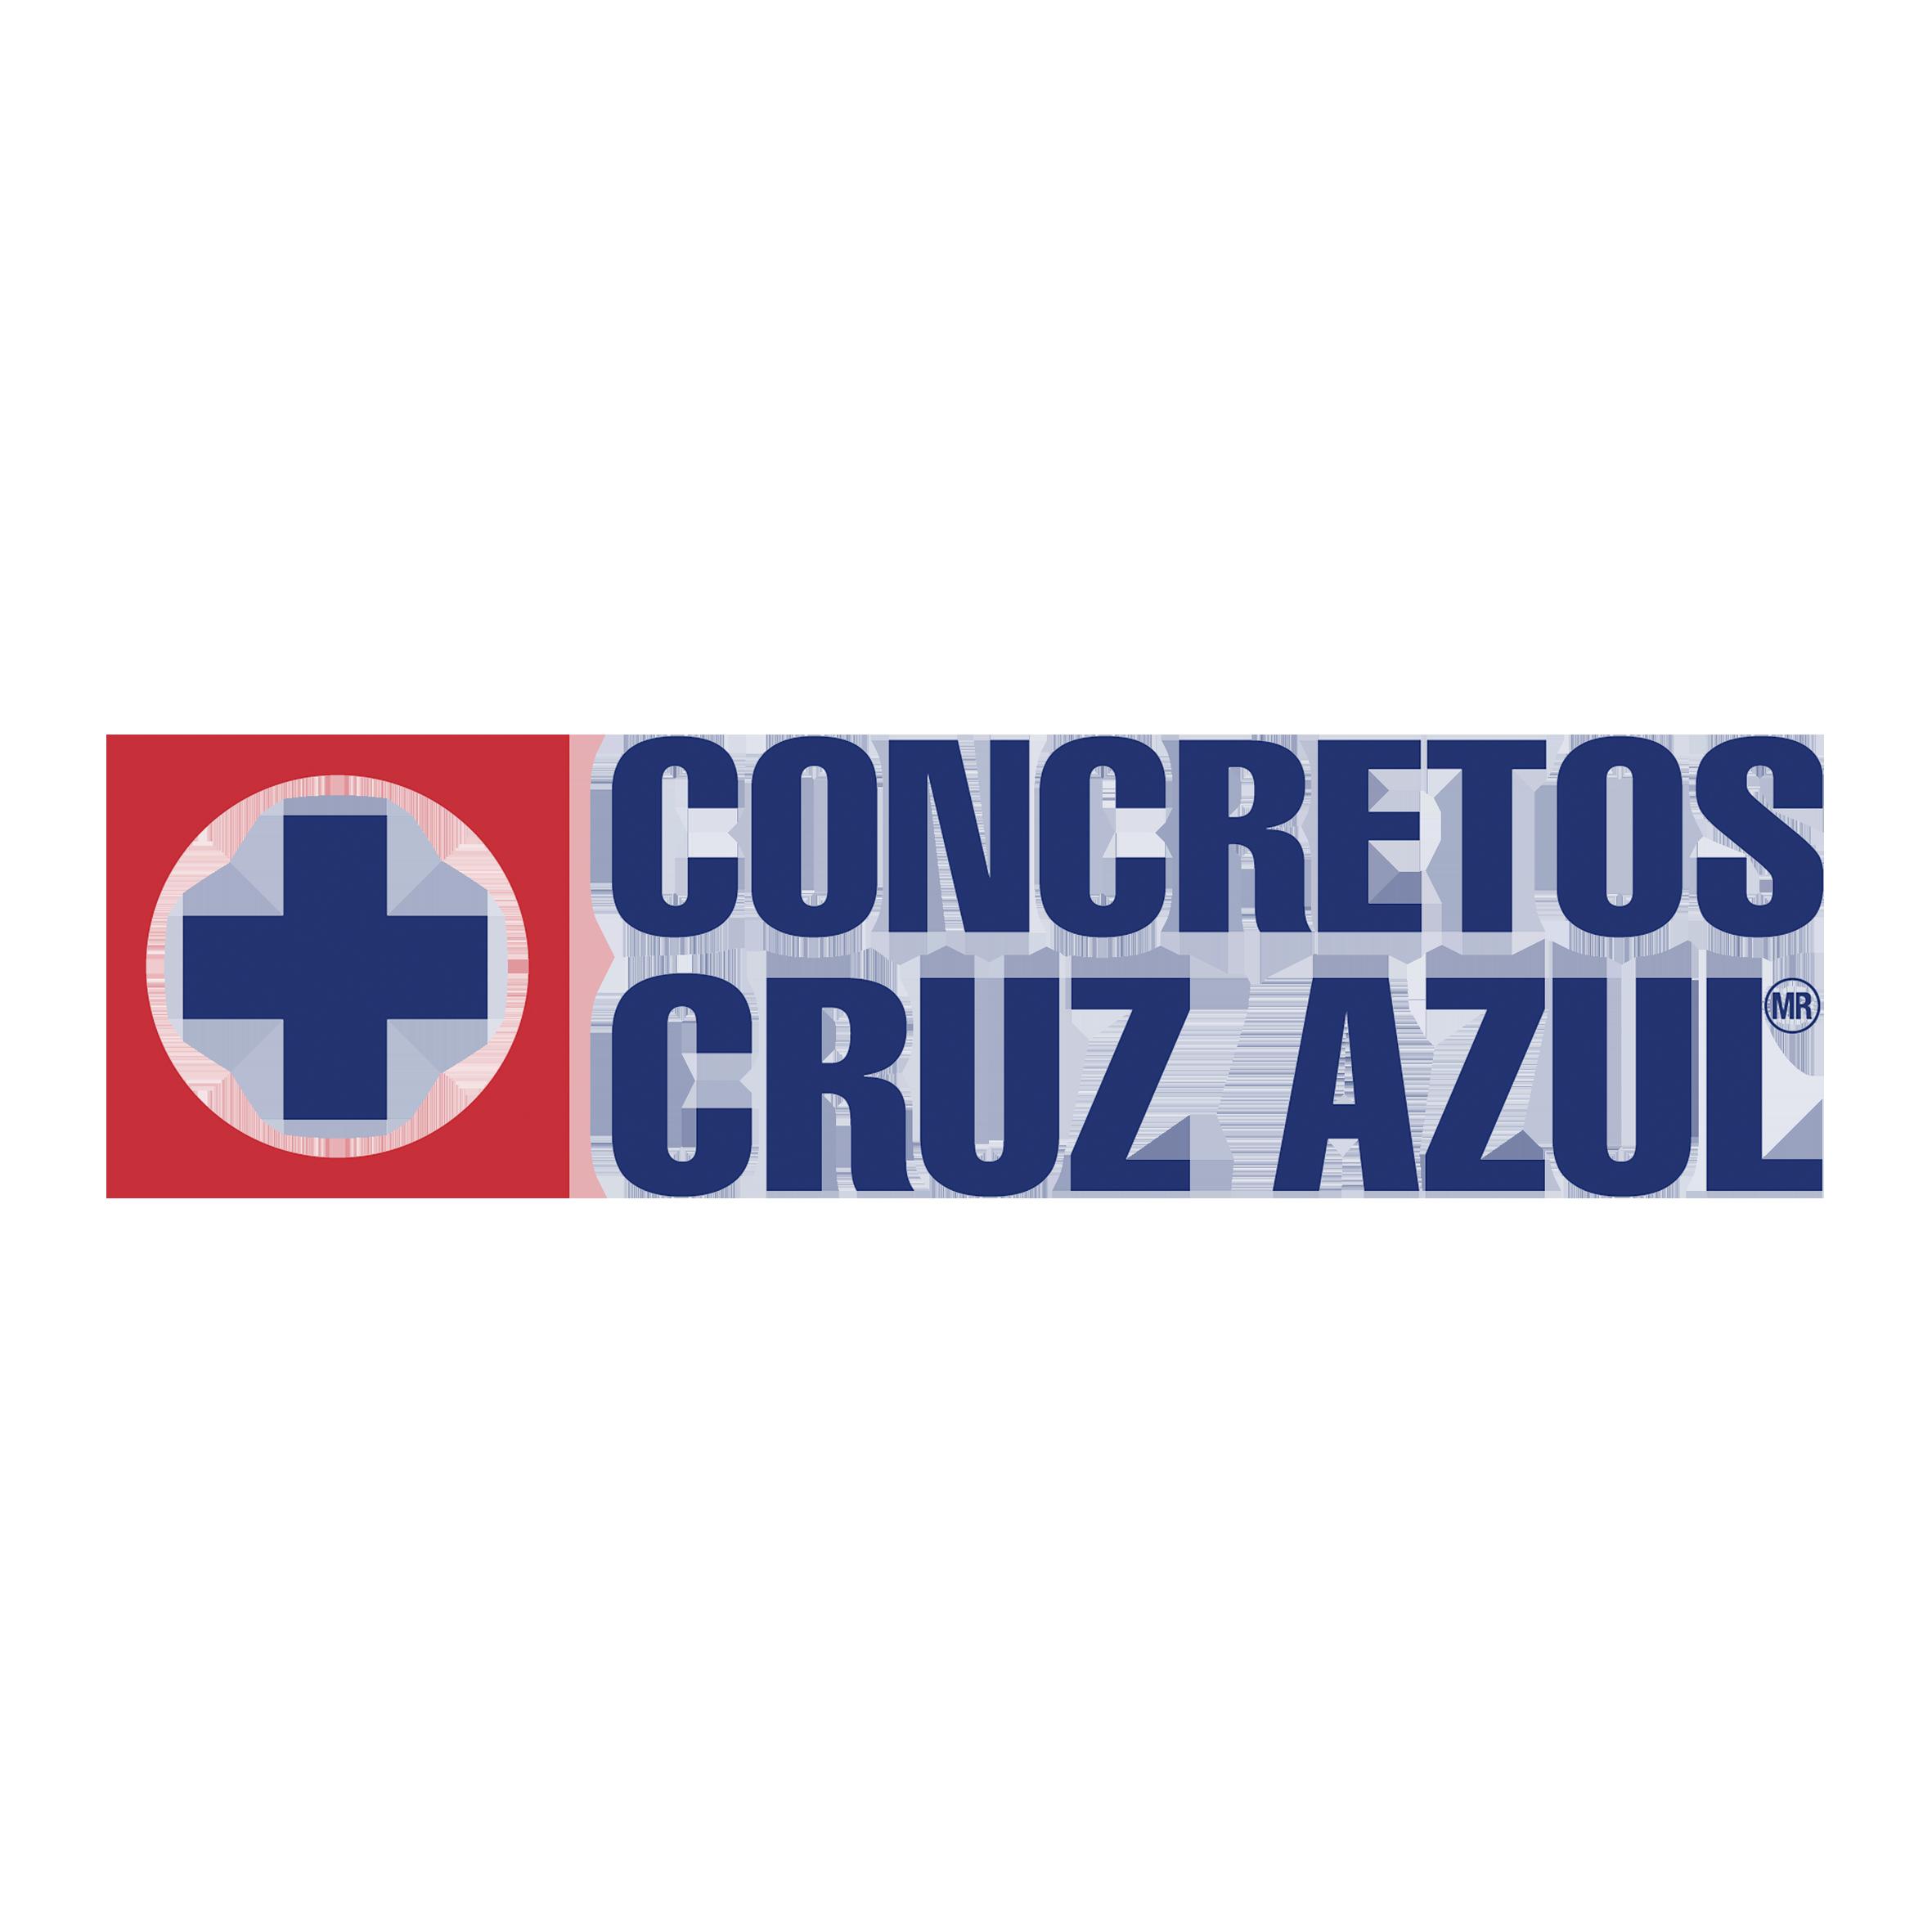 Concretos Cruz Azul